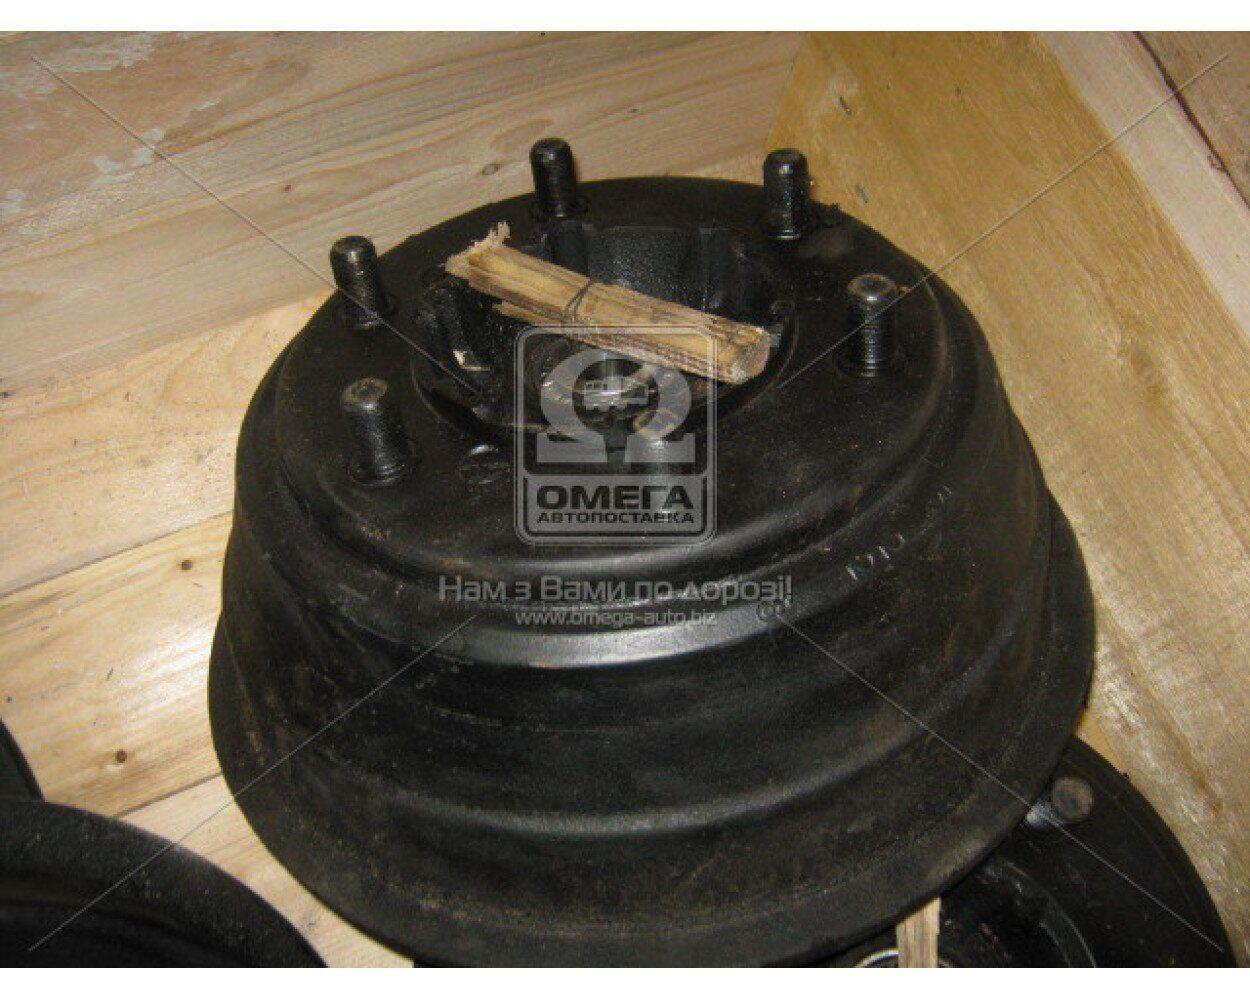 Барабан тормозная передний правый в сборе (со ступицей, подшипн., шпильками) ГАЗ 53